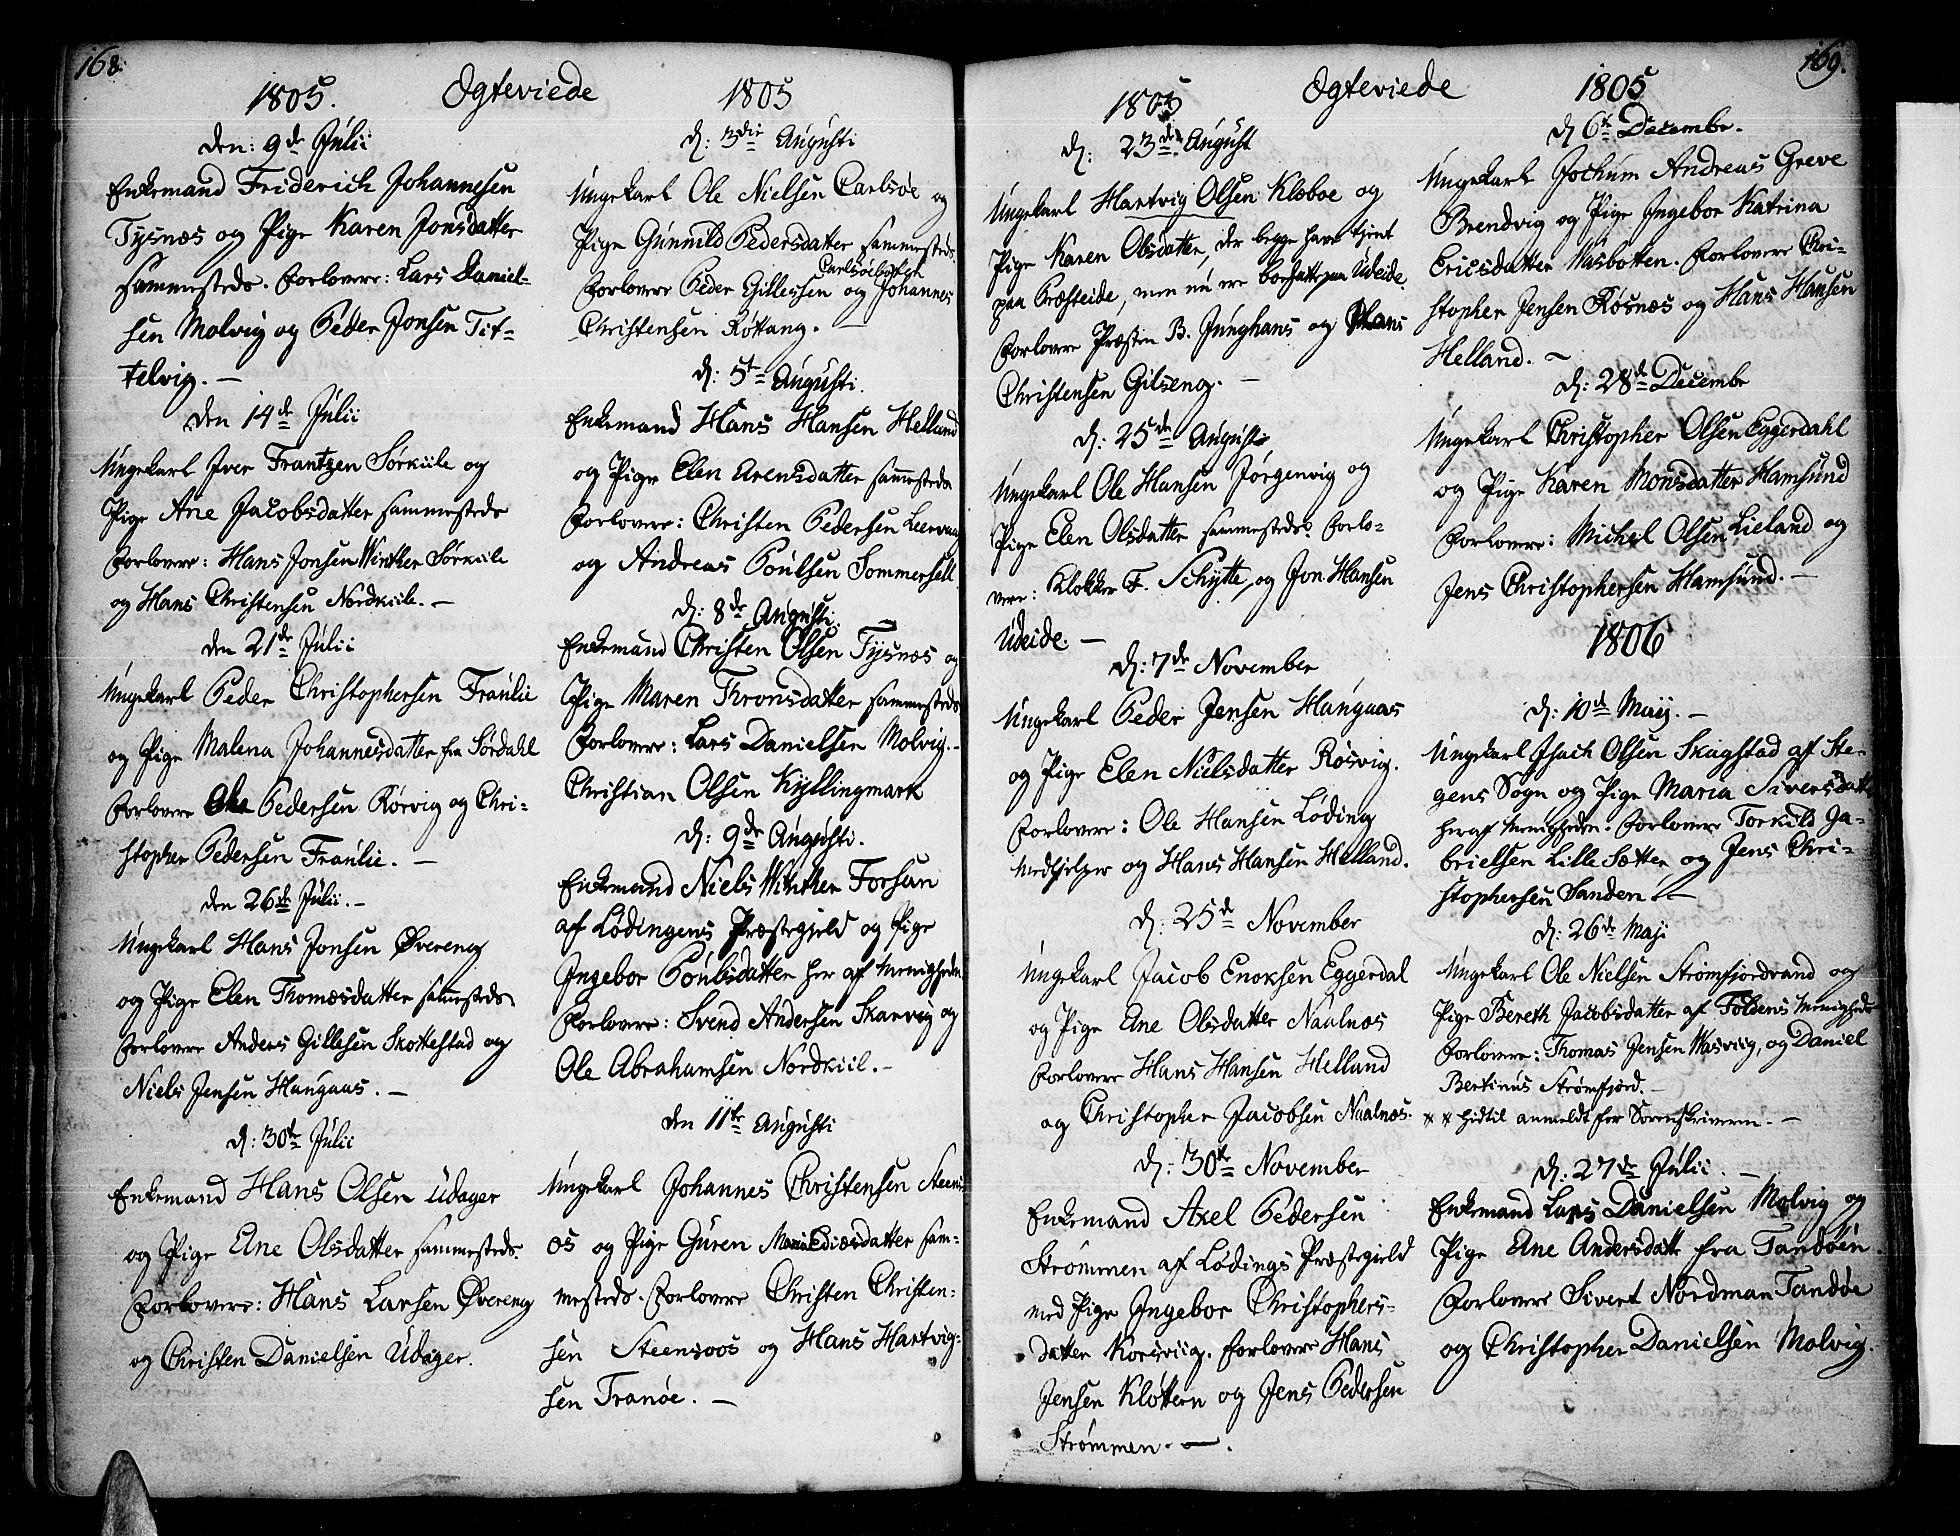 SAT, Ministerialprotokoller, klokkerbøker og fødselsregistre - Nordland, 859/L0841: Parish register (official) no. 859A01, 1766-1821, p. 168-169